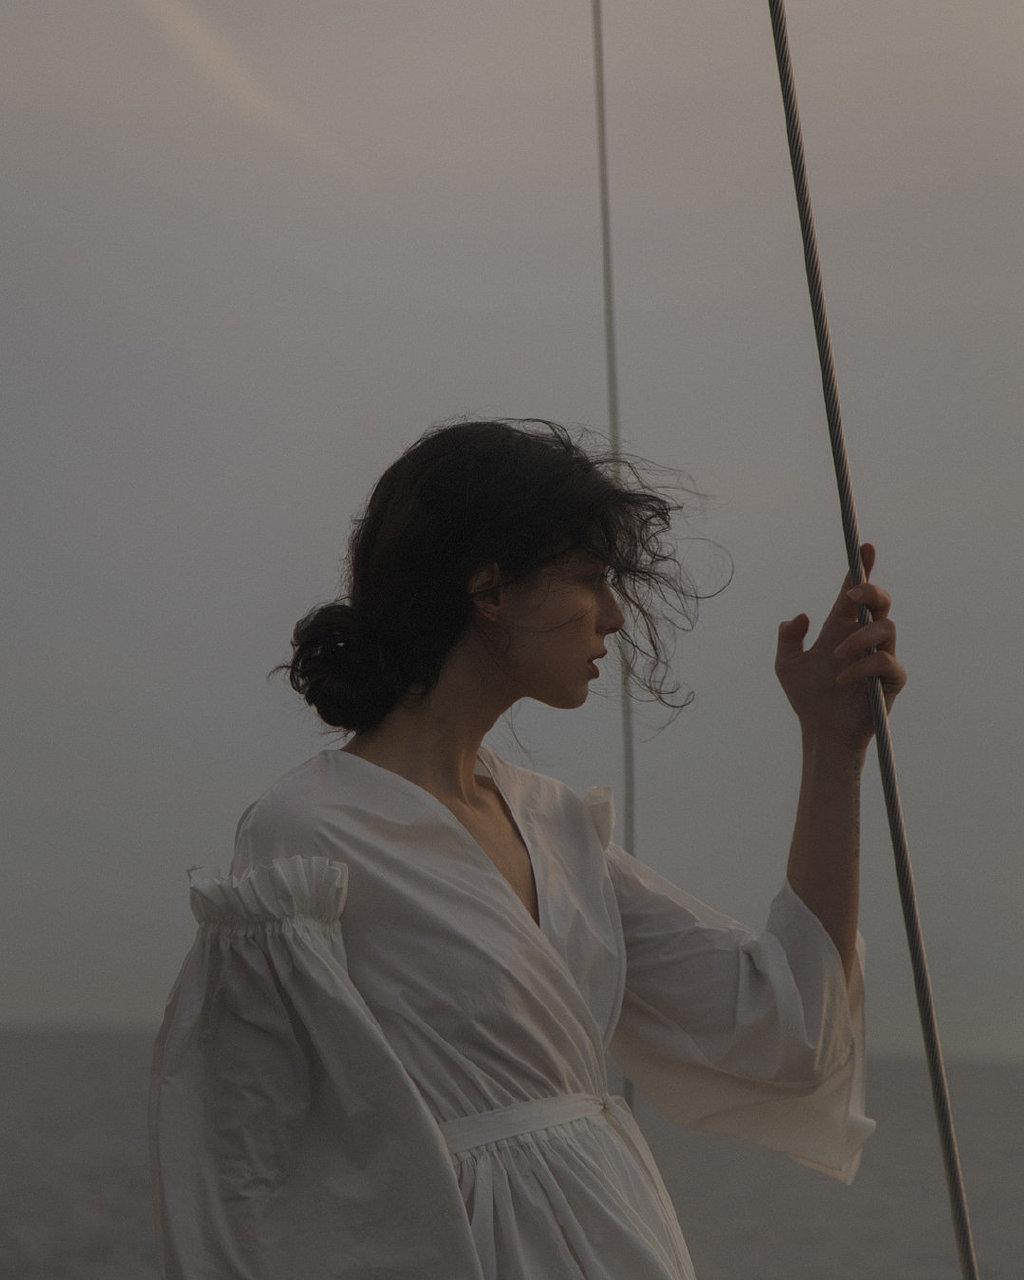 俄罗斯摄影师Anastasia Lisitsyna的人像摄影作品 时尚图库 第8张